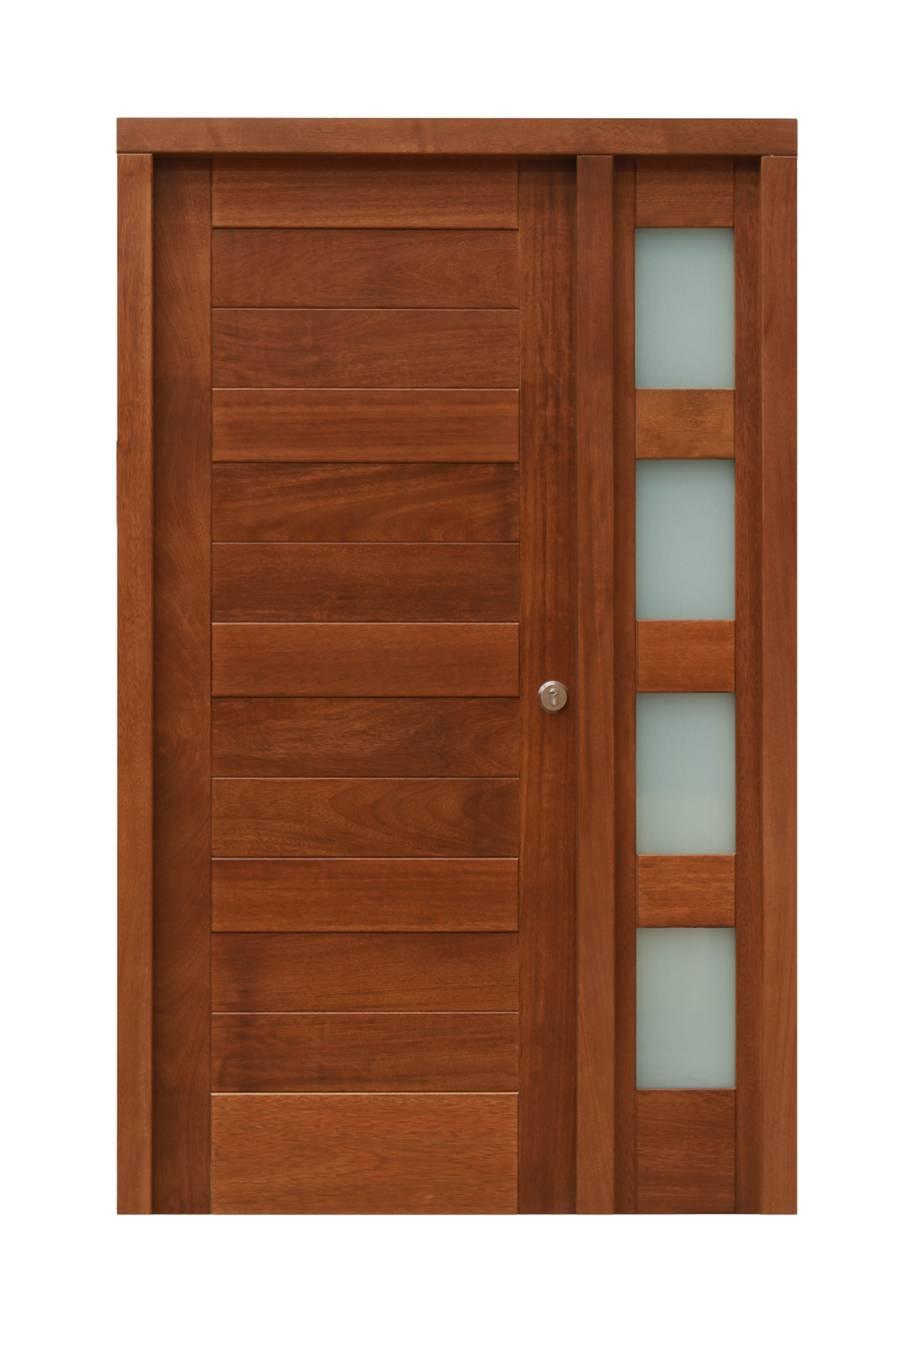 3938 m3 210x130 for Puertas de calle de madera